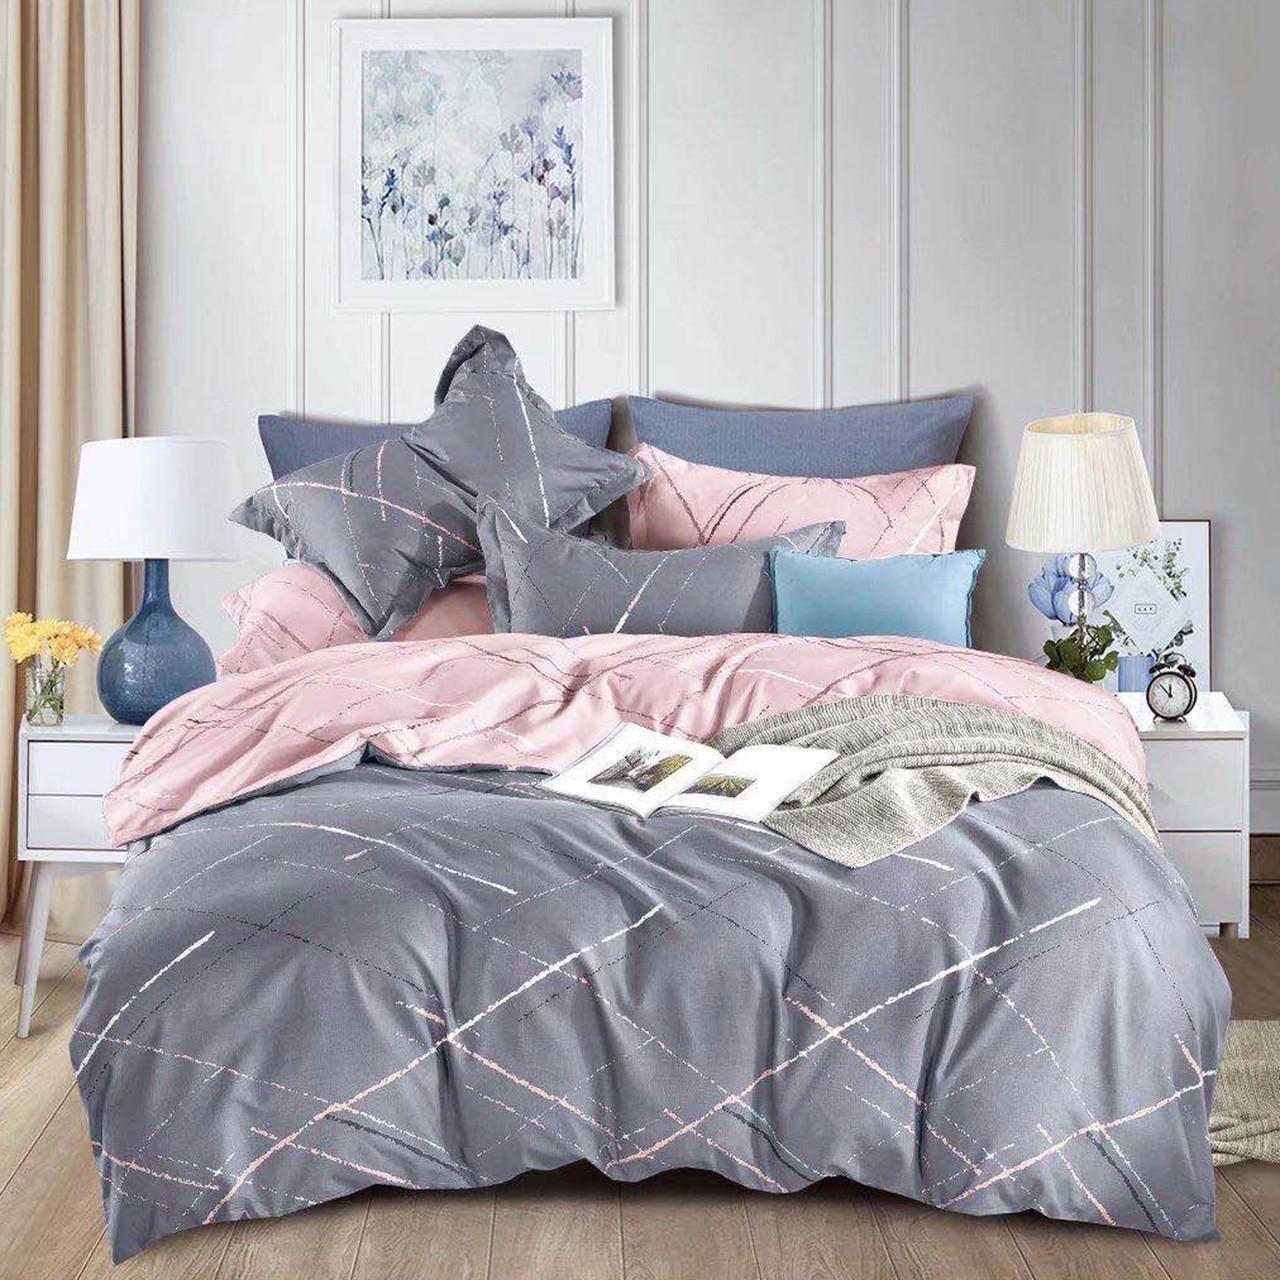 Однотонное серое постельное белье одноцветный постельный комплект в сдержанном стиле (семейное)